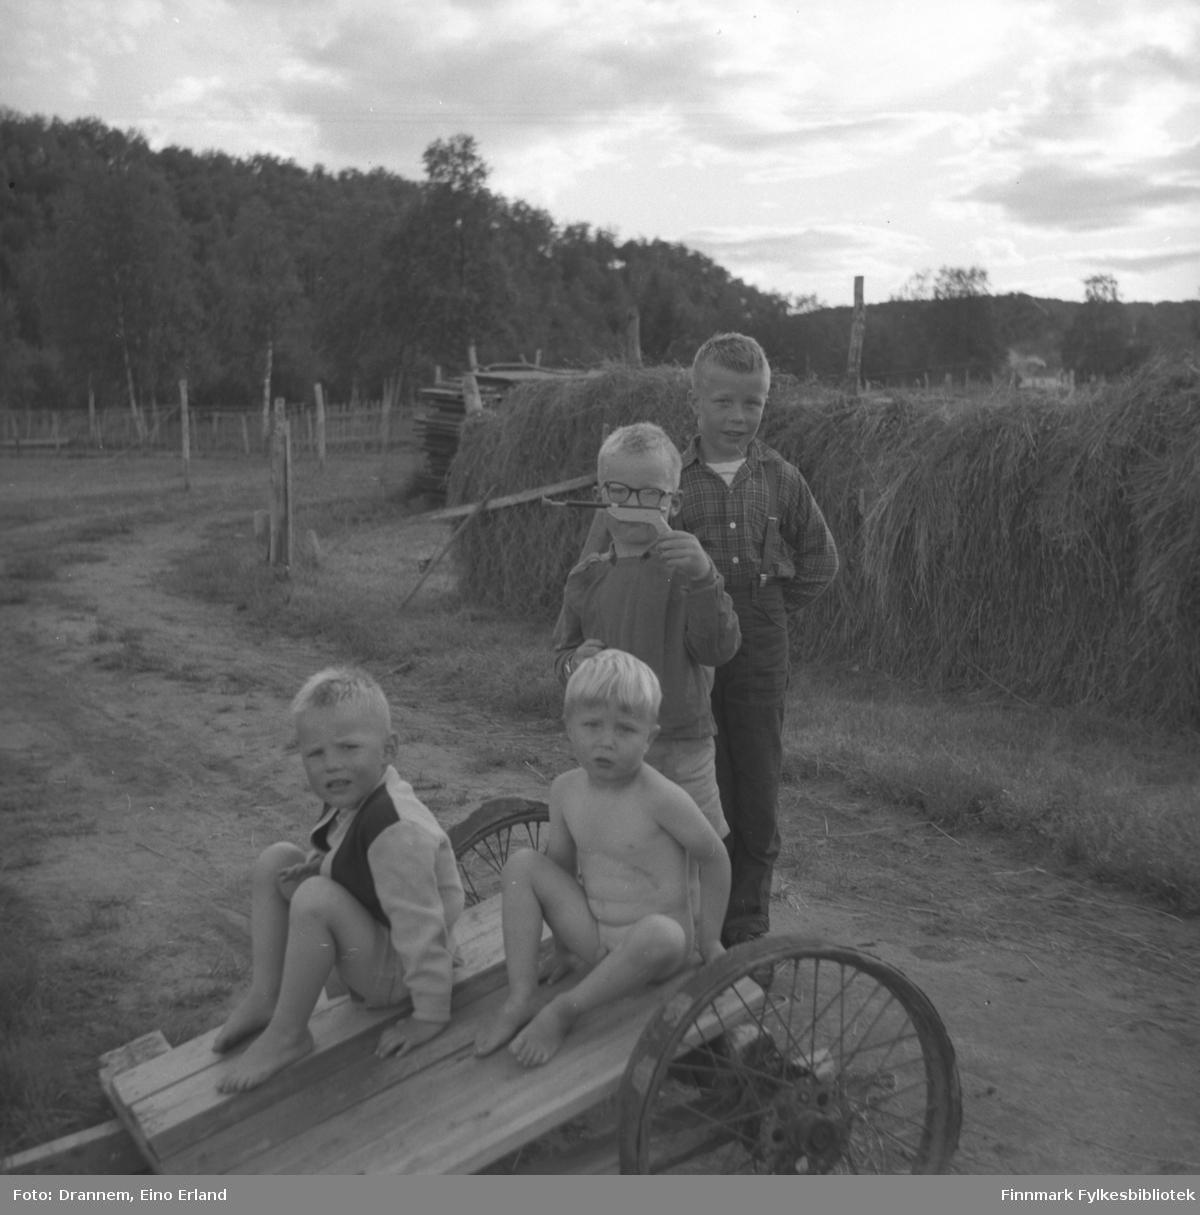 Fire små gutter fototgrafert på en gårdsvei. Dette kan være sønner av Alfred Karikoski.